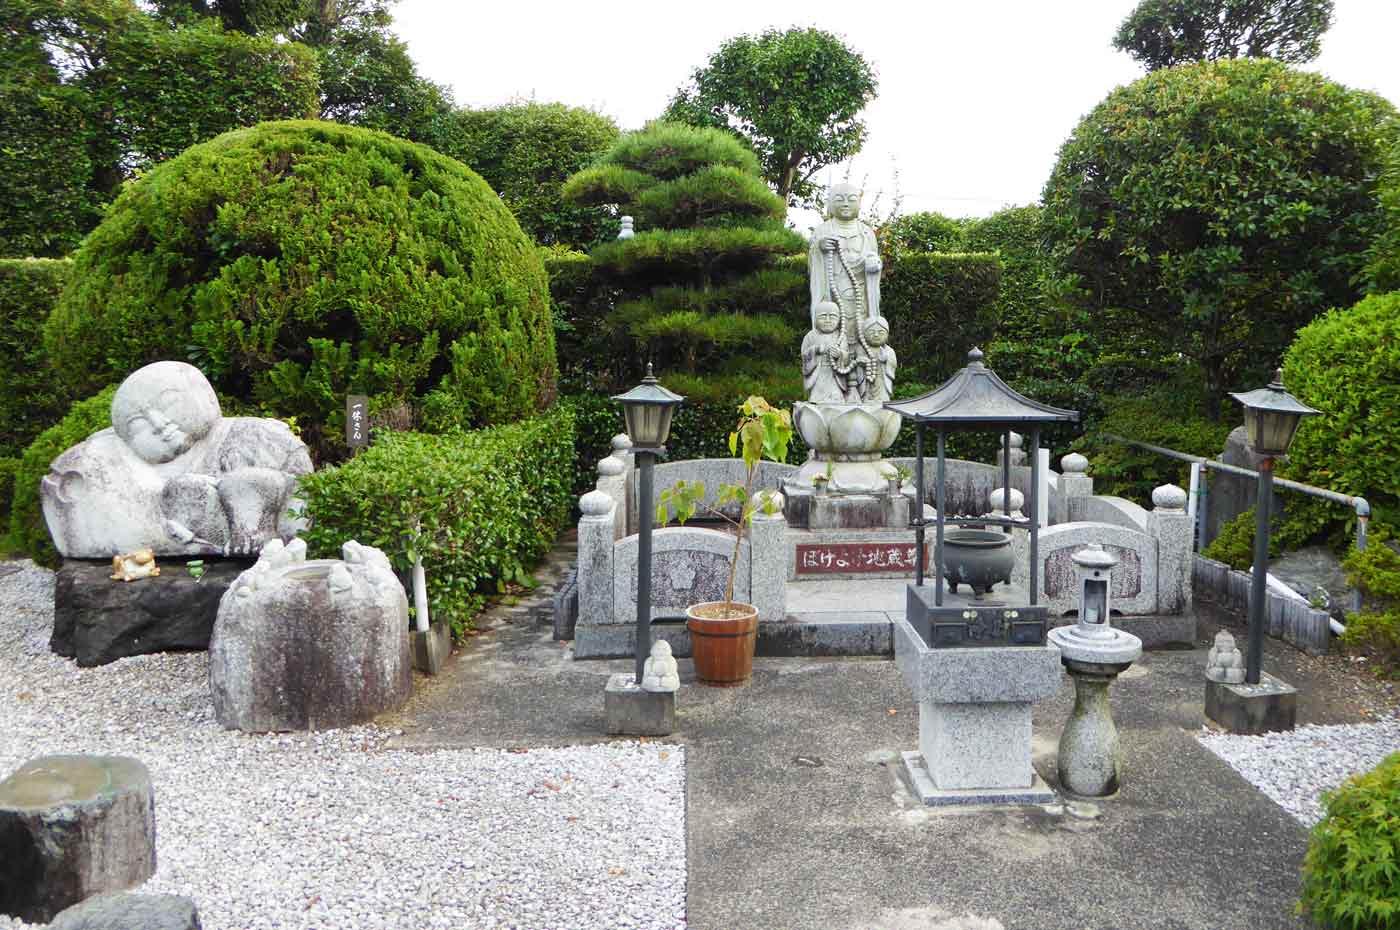 長福寺のぼけよけ地蔵尊